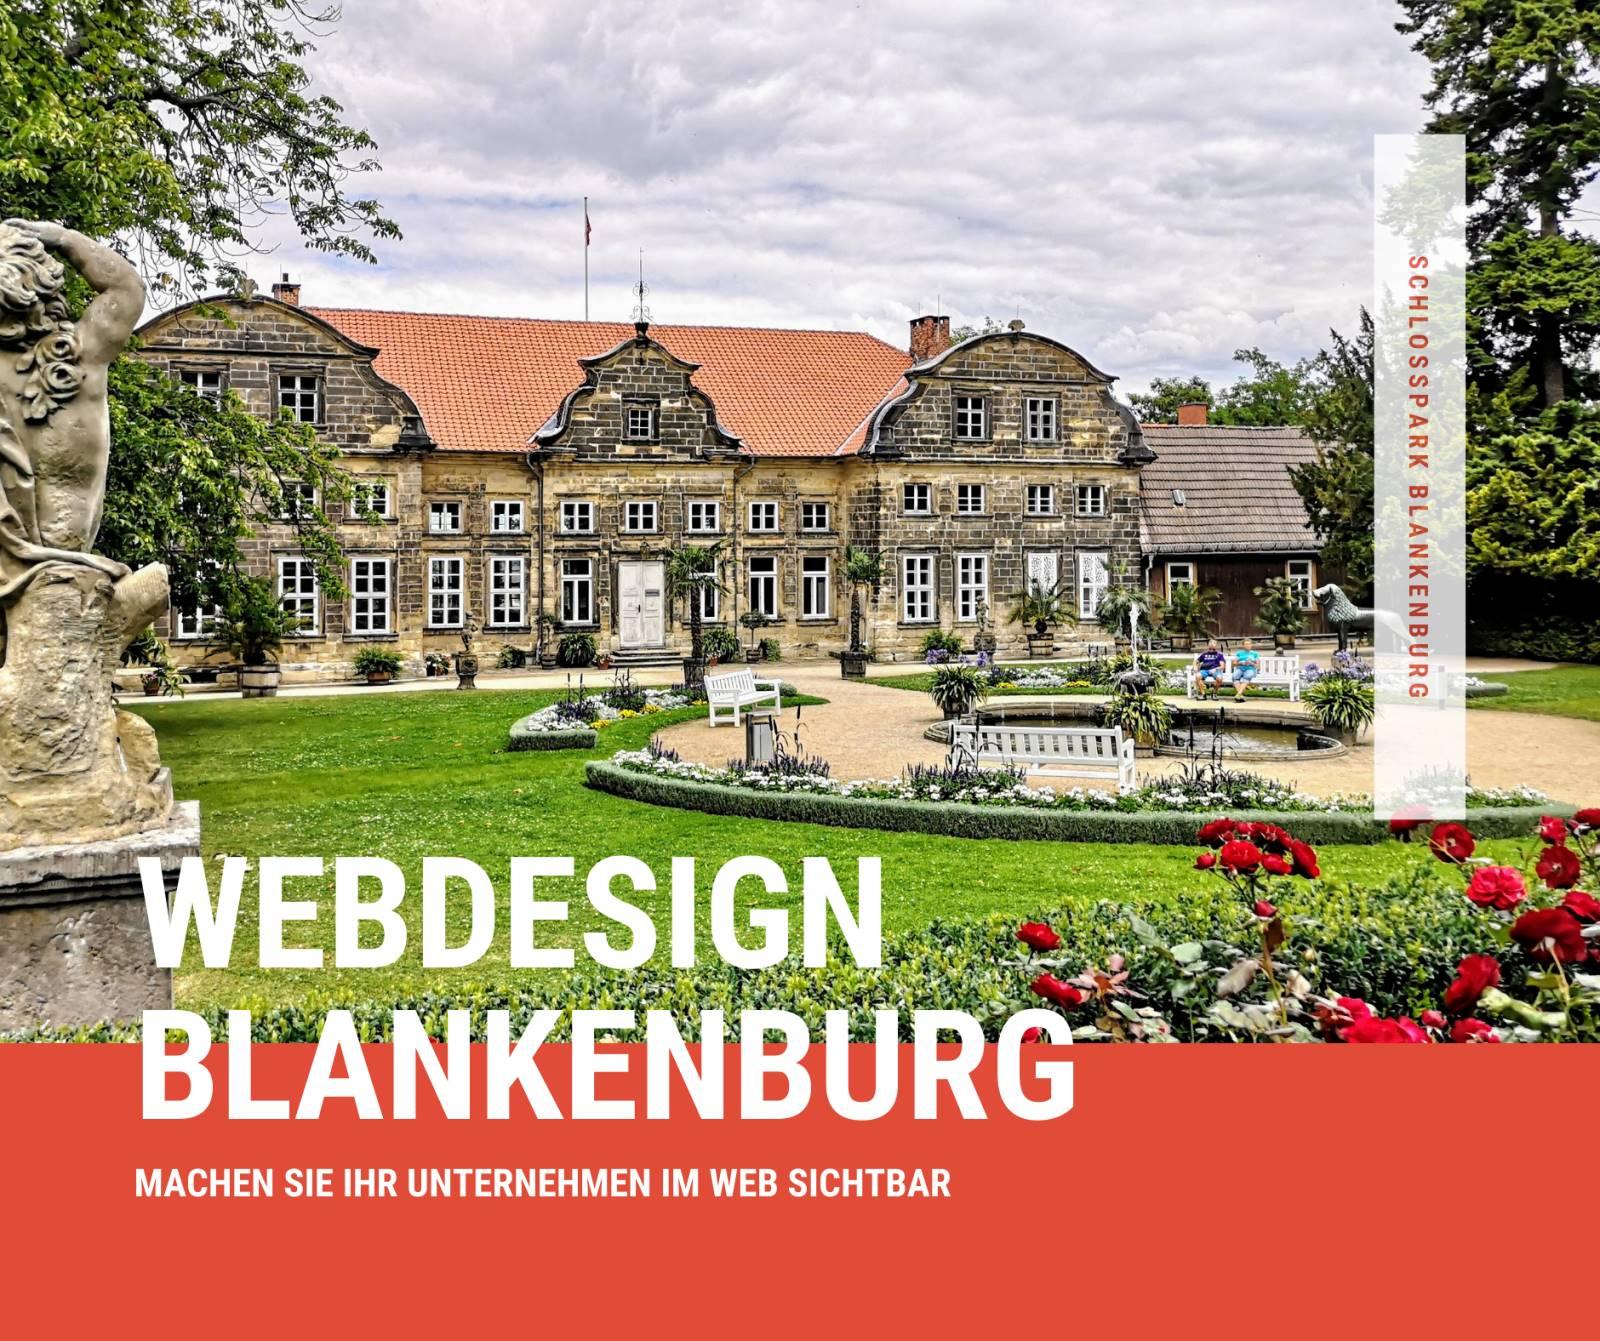 Webdesign Blankenburg